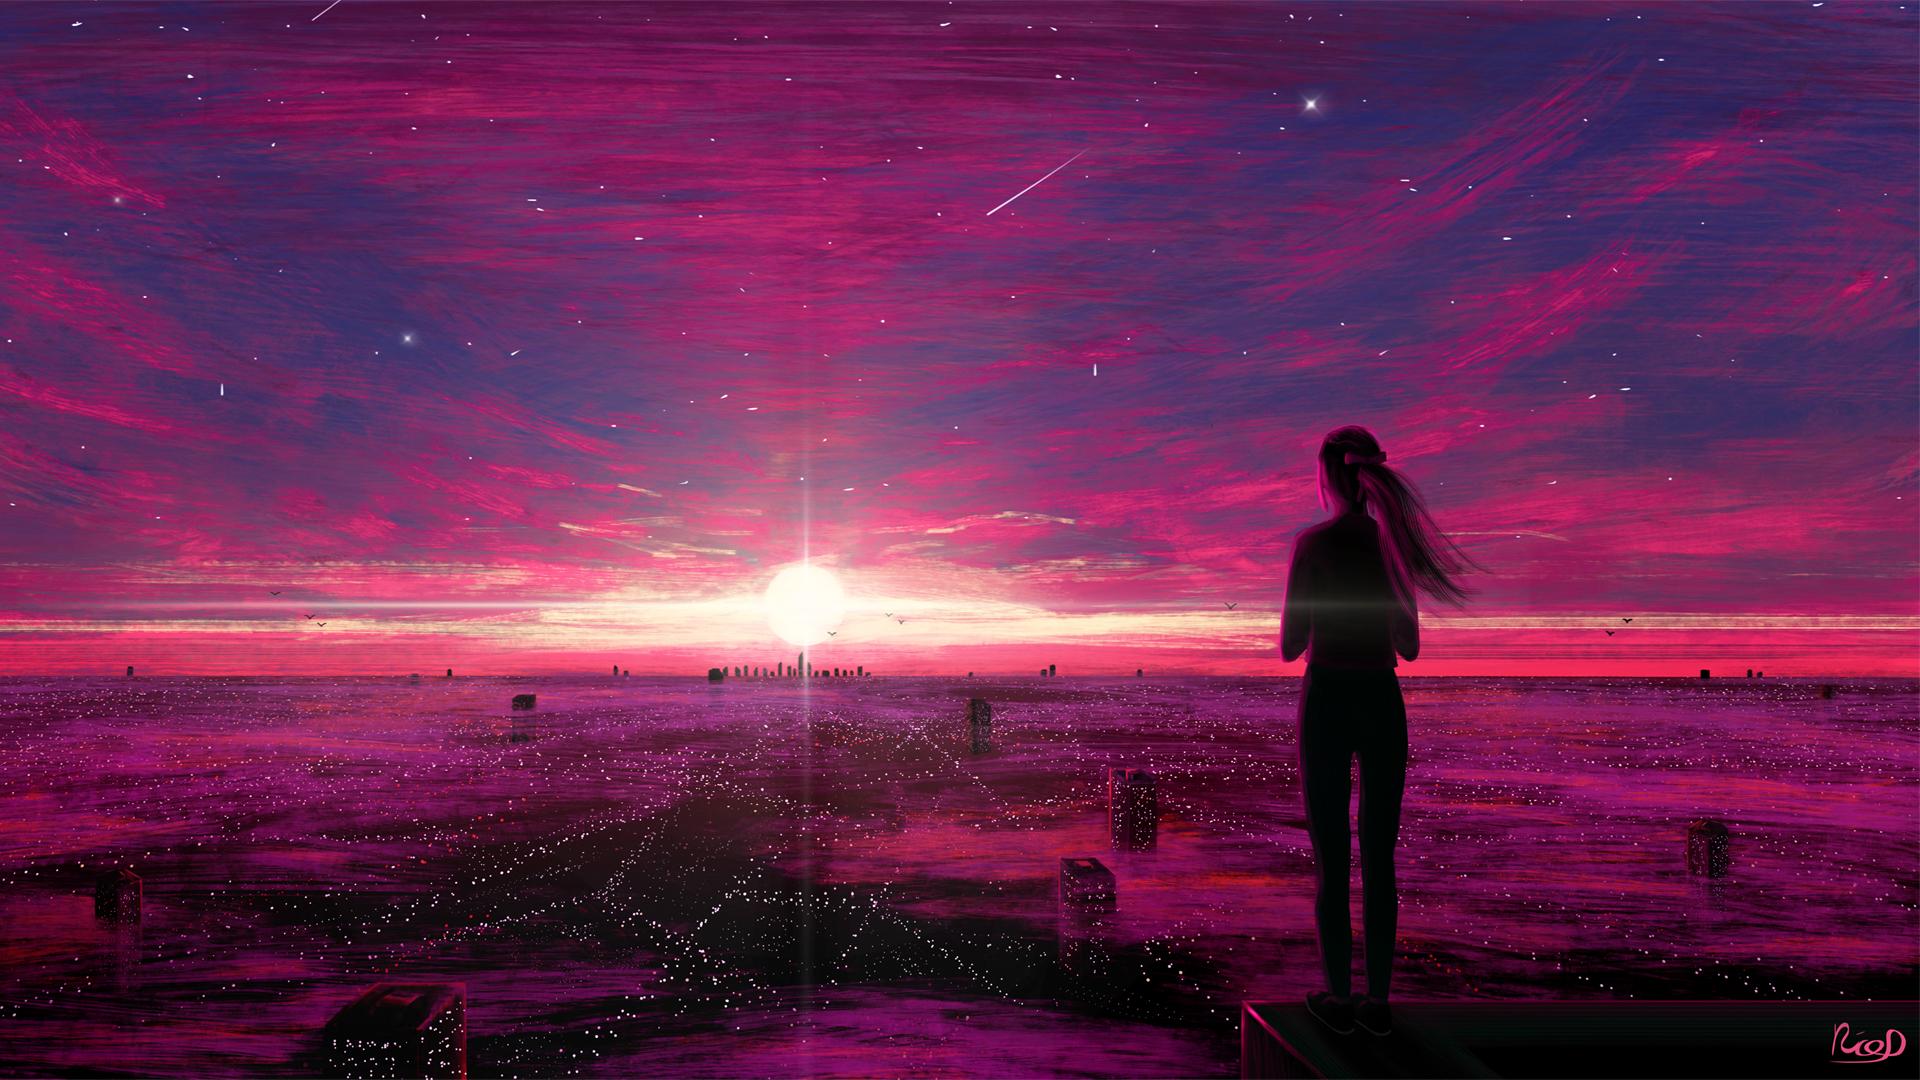 少女背影 城市 闪闪发光 日落 唯美意境动漫壁纸-动漫壁纸